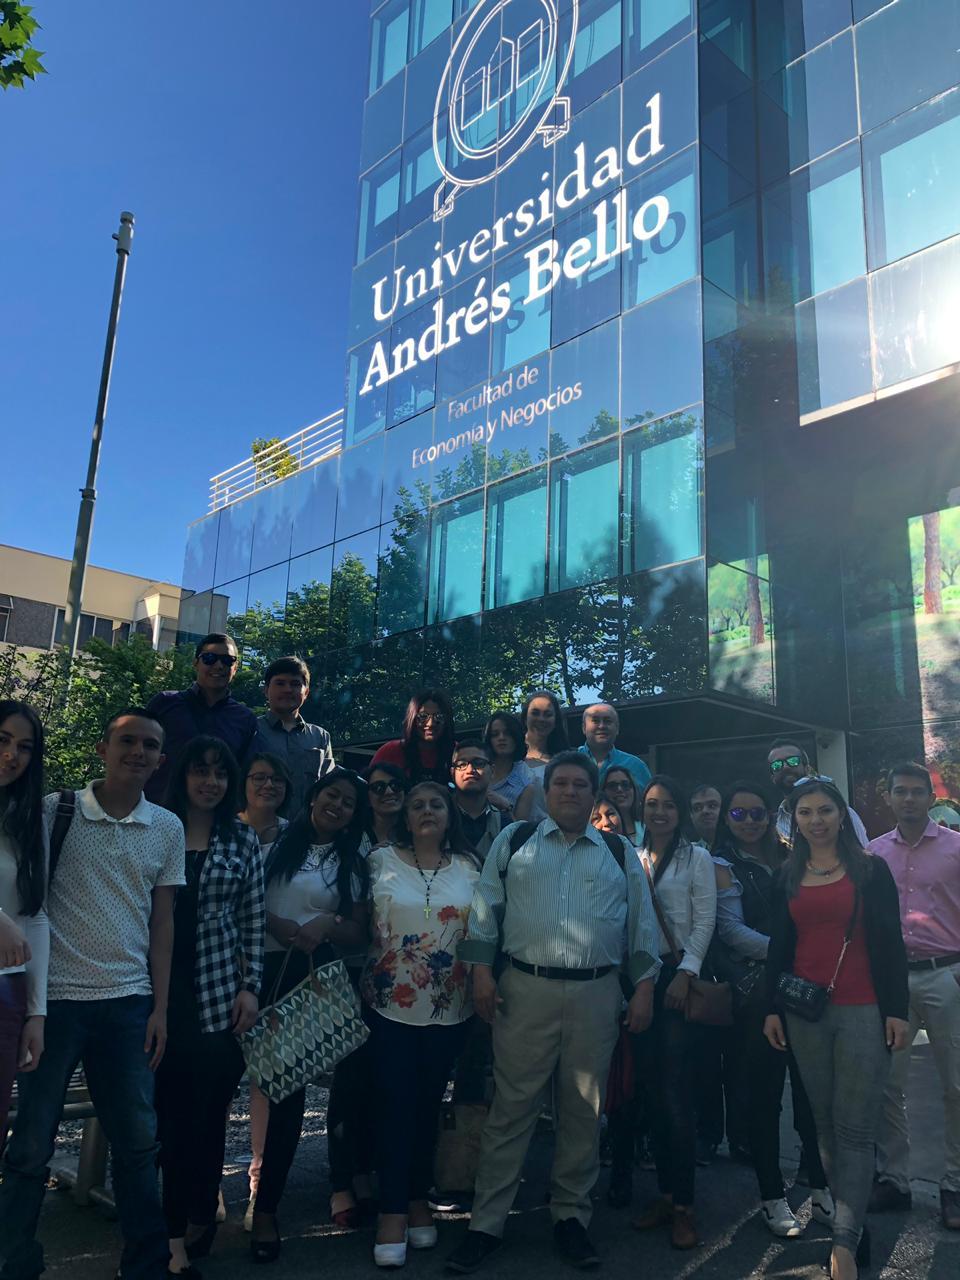 Misión académica de Uniagraria inicia actividades  en la universidad Andrés Bello en Chile